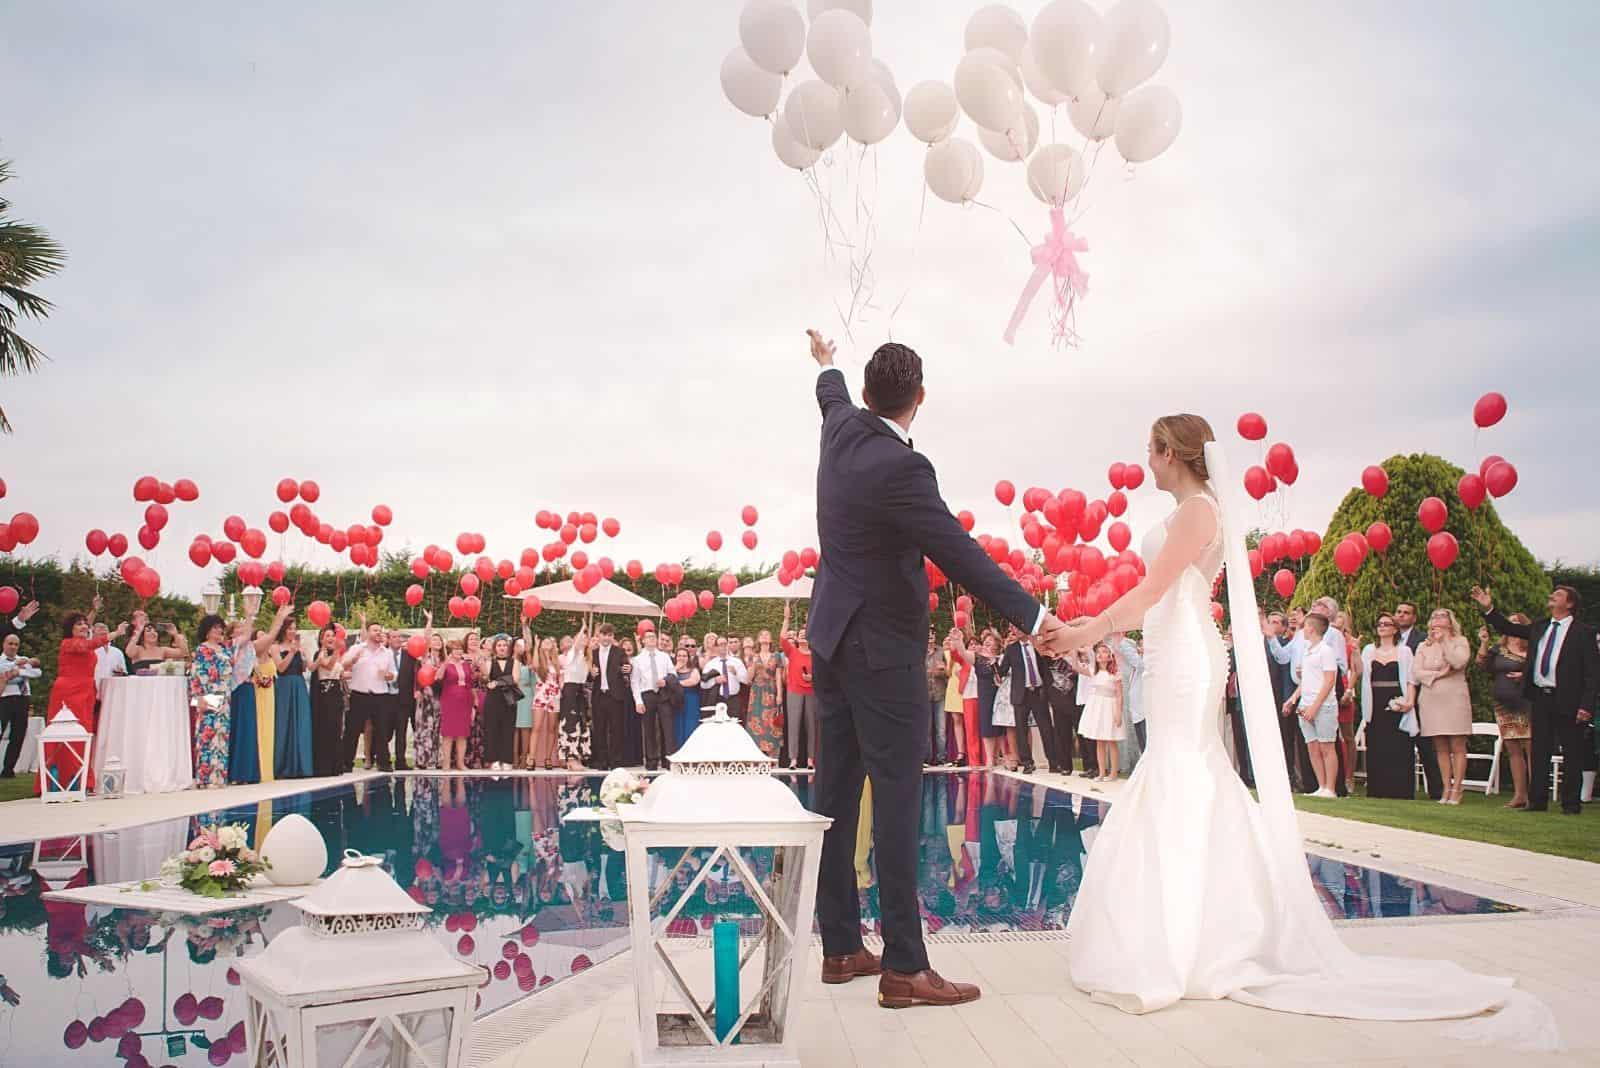 eine Hochzeitszeremonie in einem großen Innenhof mit Pool